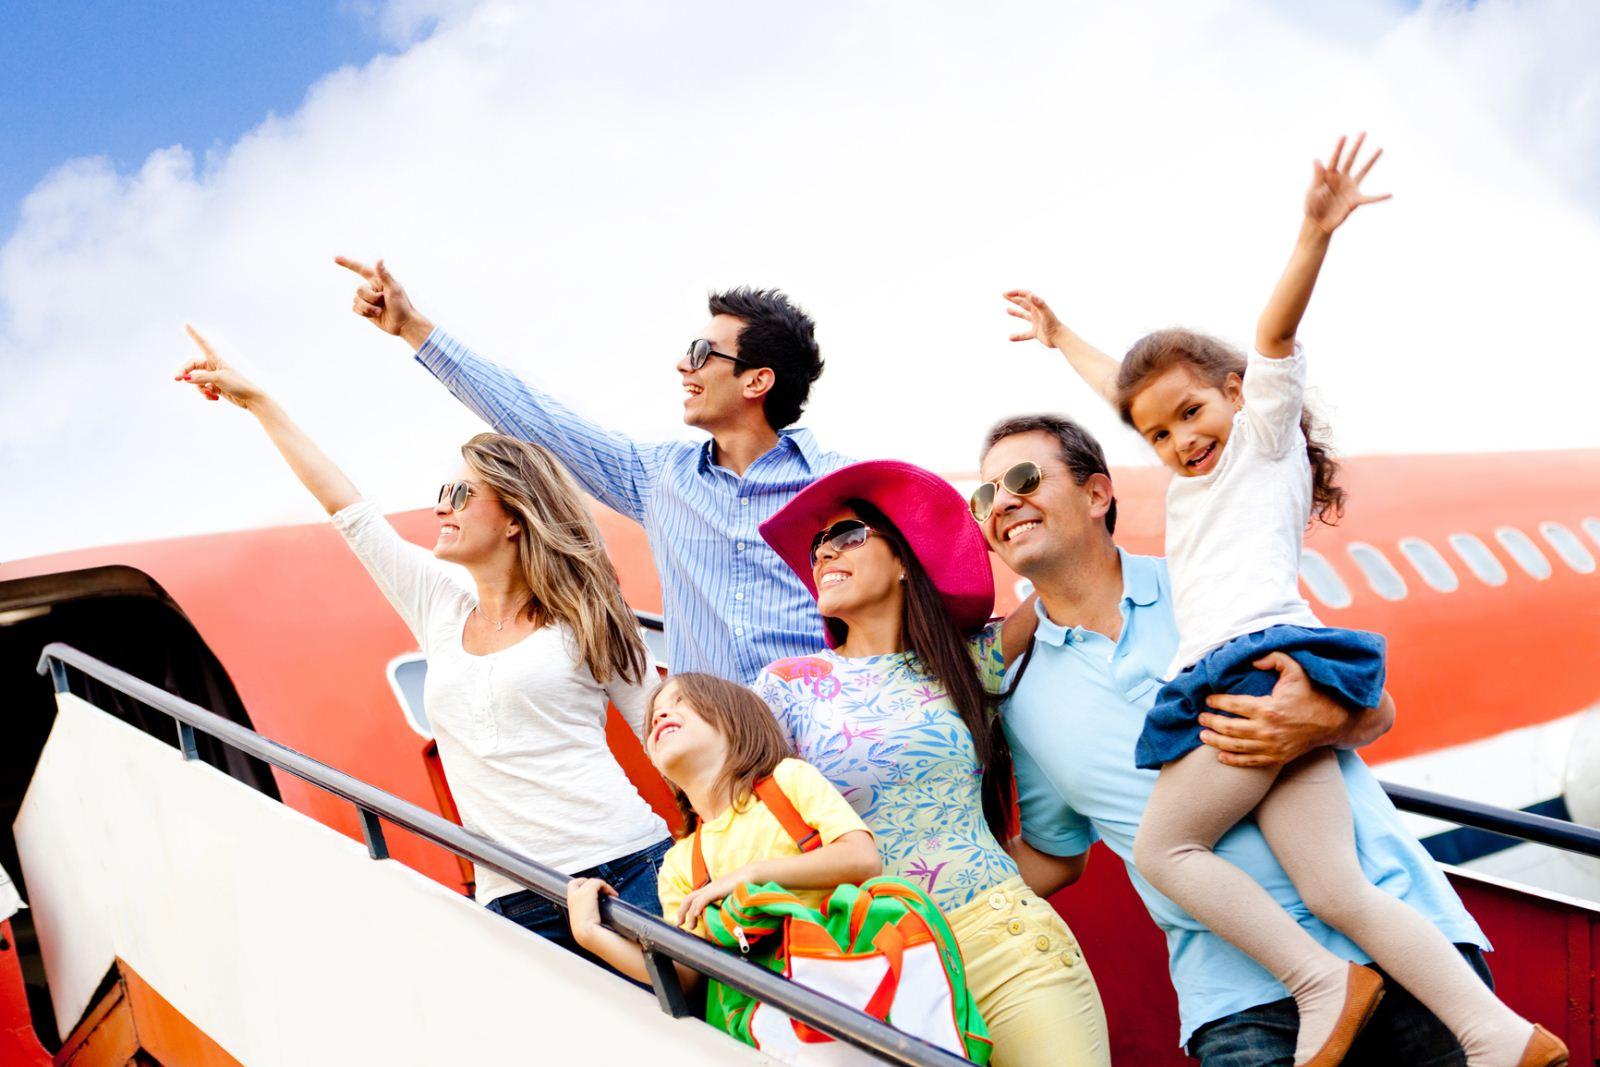 Как сделать, чтобы семья была довольна путешествием